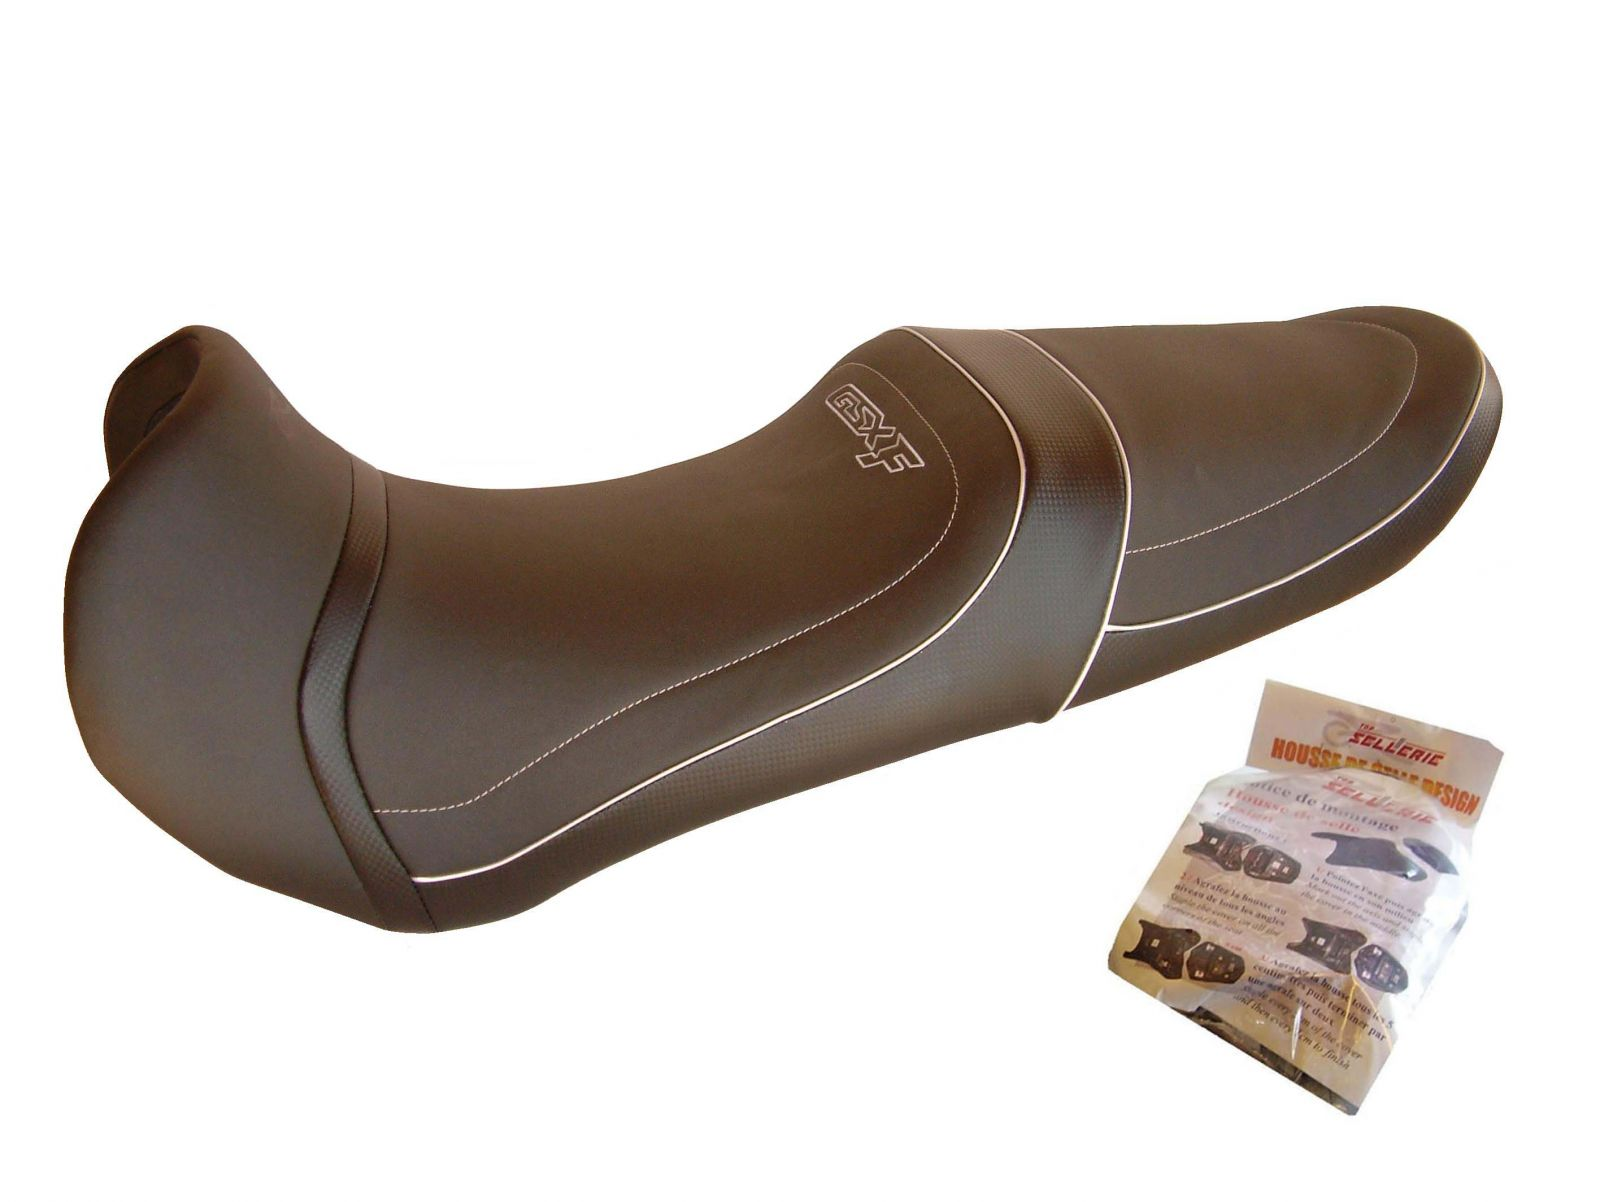 Fodera di sella Design HSD2643 - SUZUKI GSX-F 750 [1998-2007]